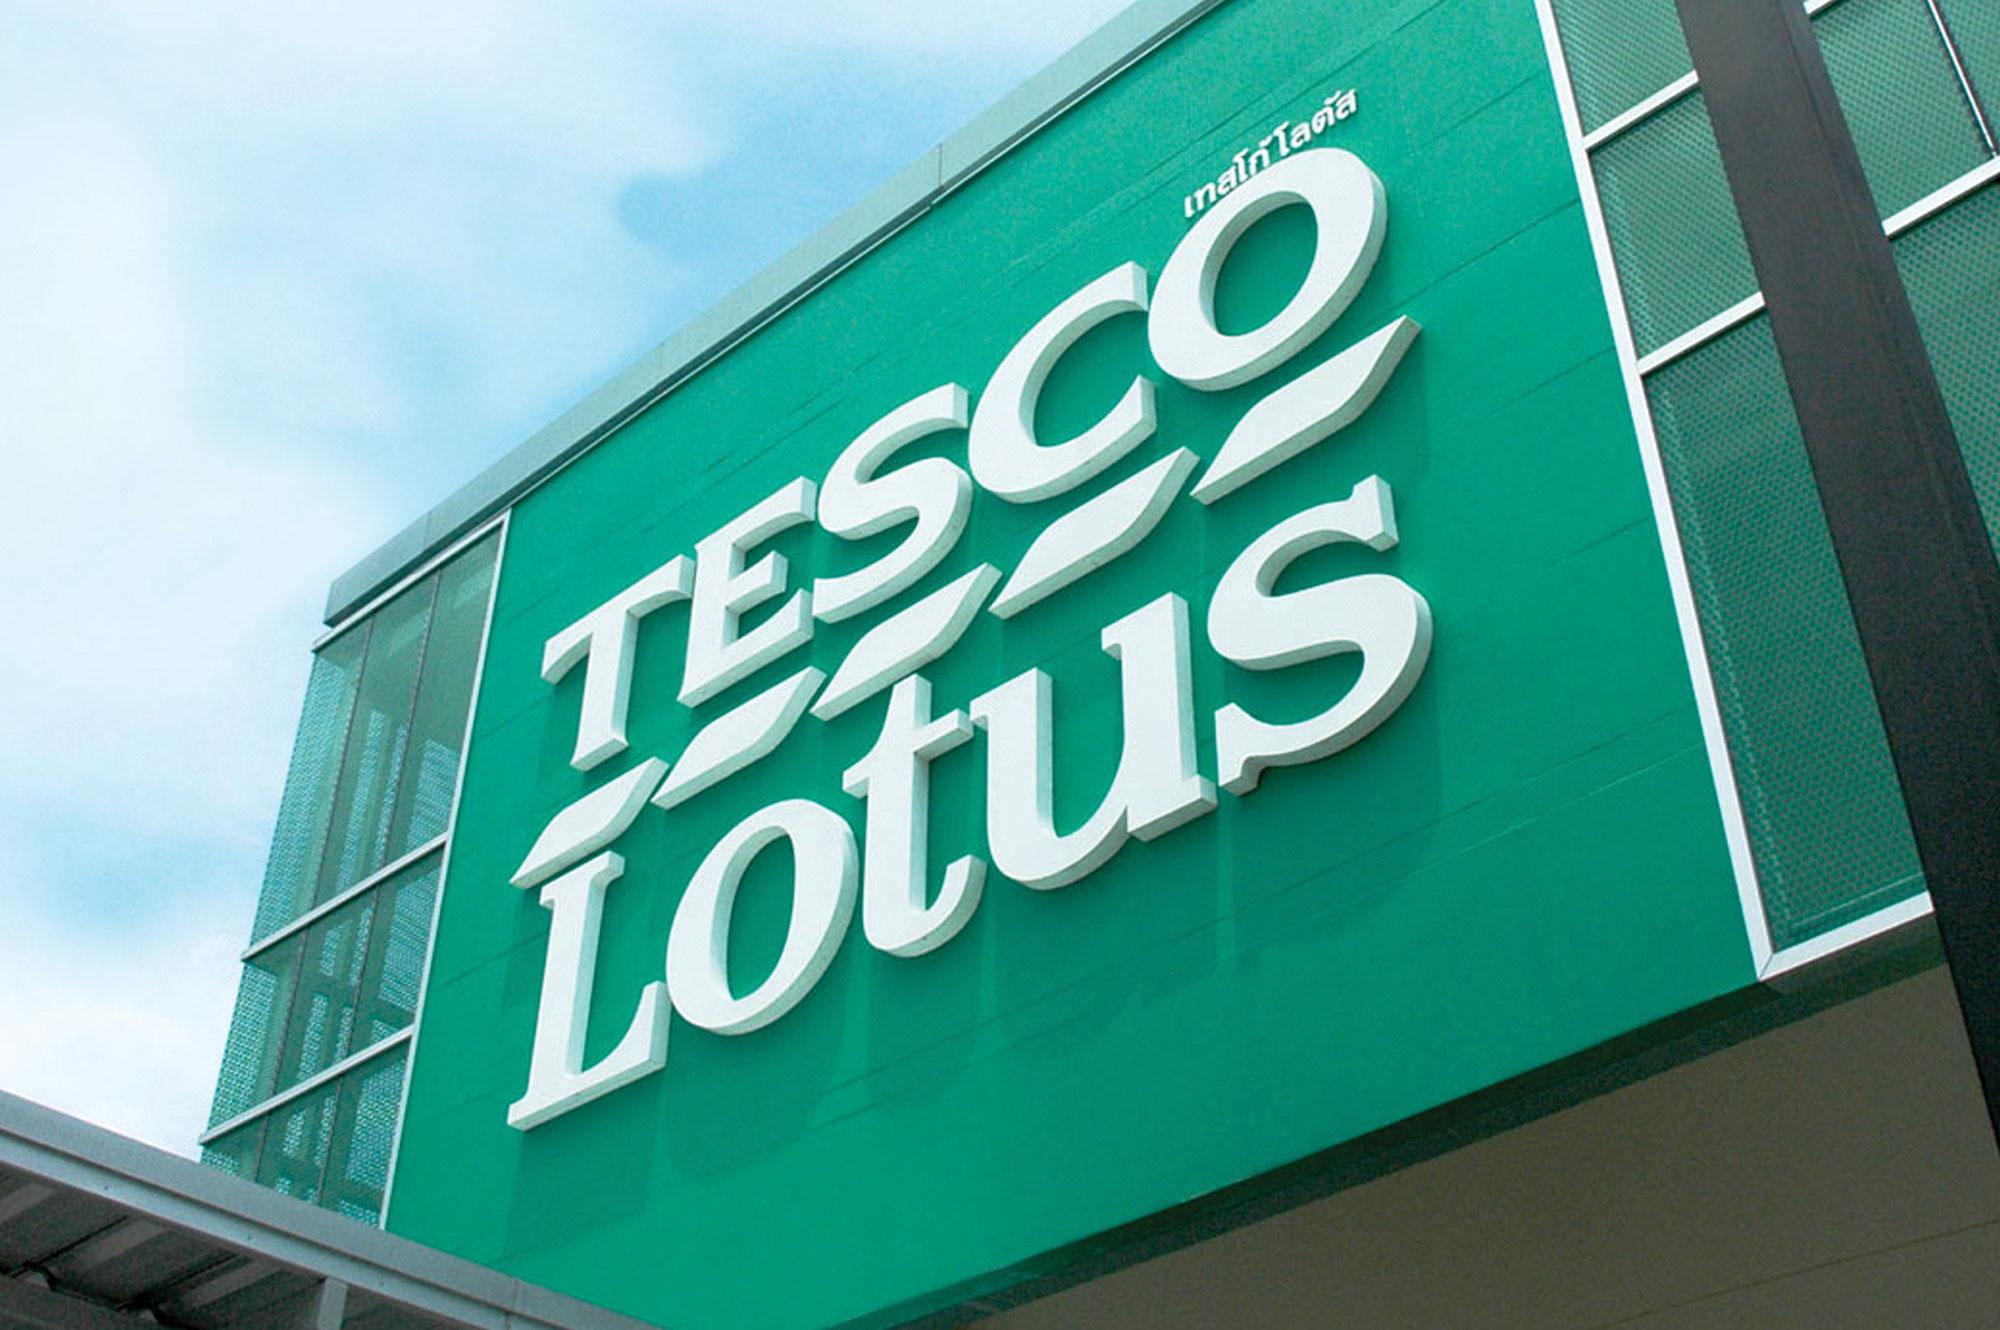 Tesco Lotus Signage Design